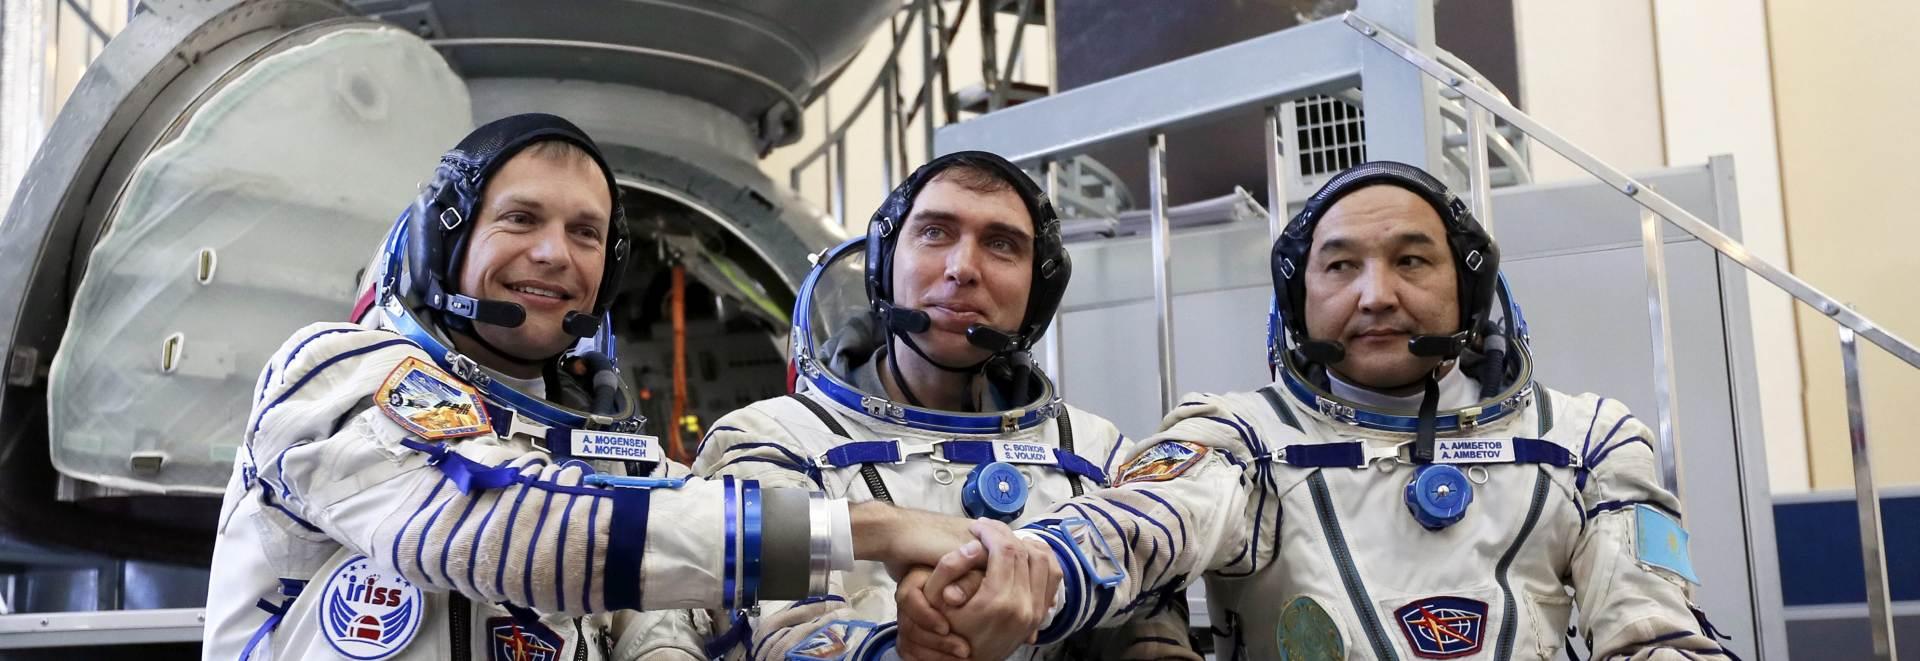 OKUS DOMA: Astronautima prvi put na jelovniku svemirska salata